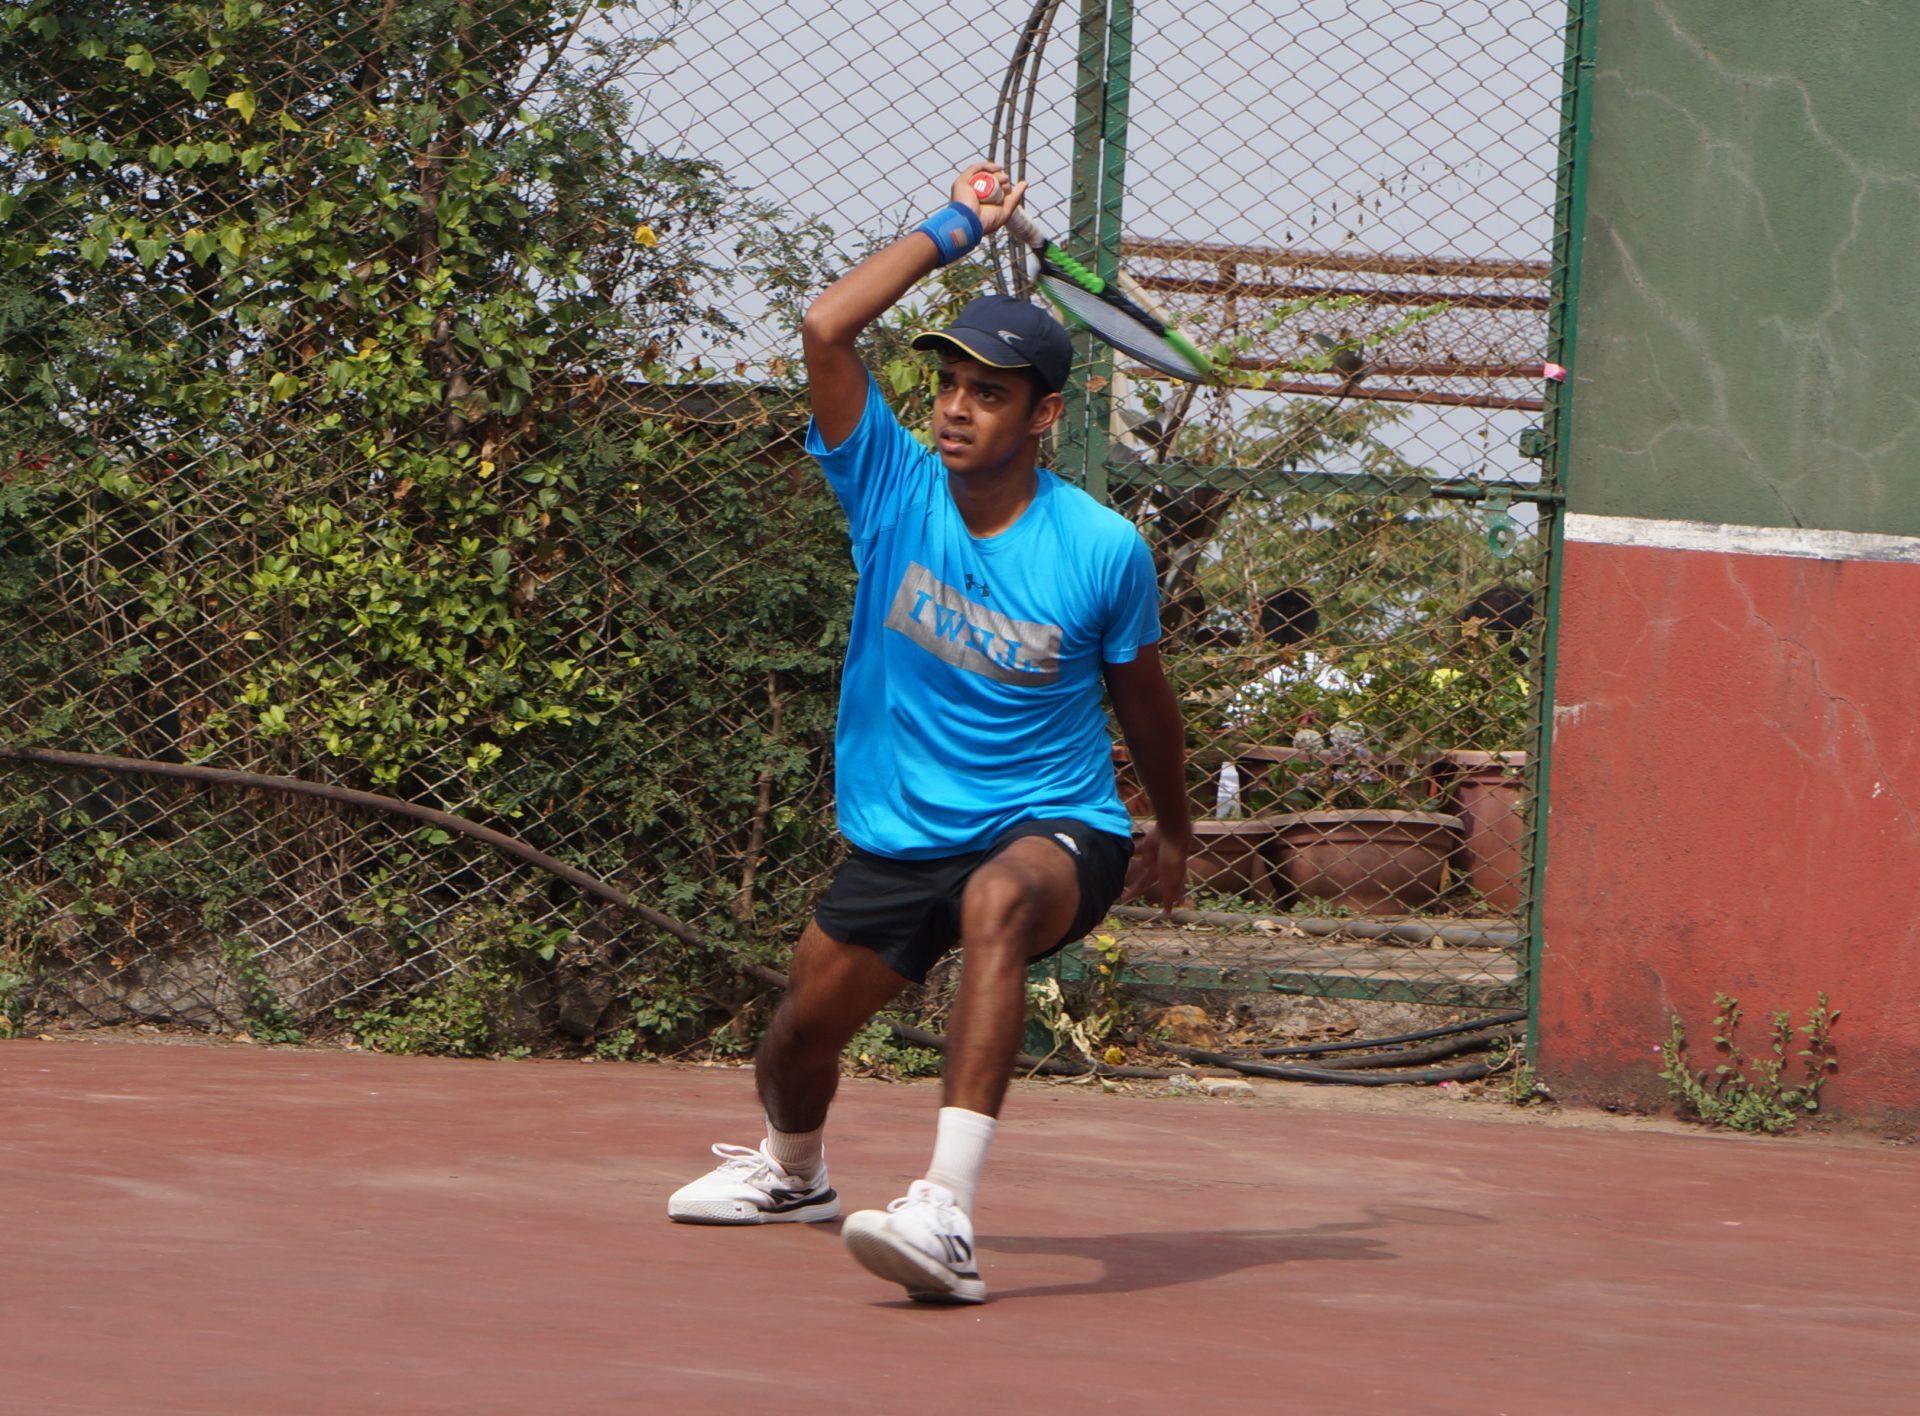 एमएसएलटीए रवाईन हॉटेल अखिल भारतीय मानांकन  2लाख रकमेच्या पुरुष व महिला टेनिस स्पर्धेत प्रणित कुदळे, संदेश कुरळे, हृदया शहा, गार्गी पवार यांचा मुख्य फेरीत प्रवेश